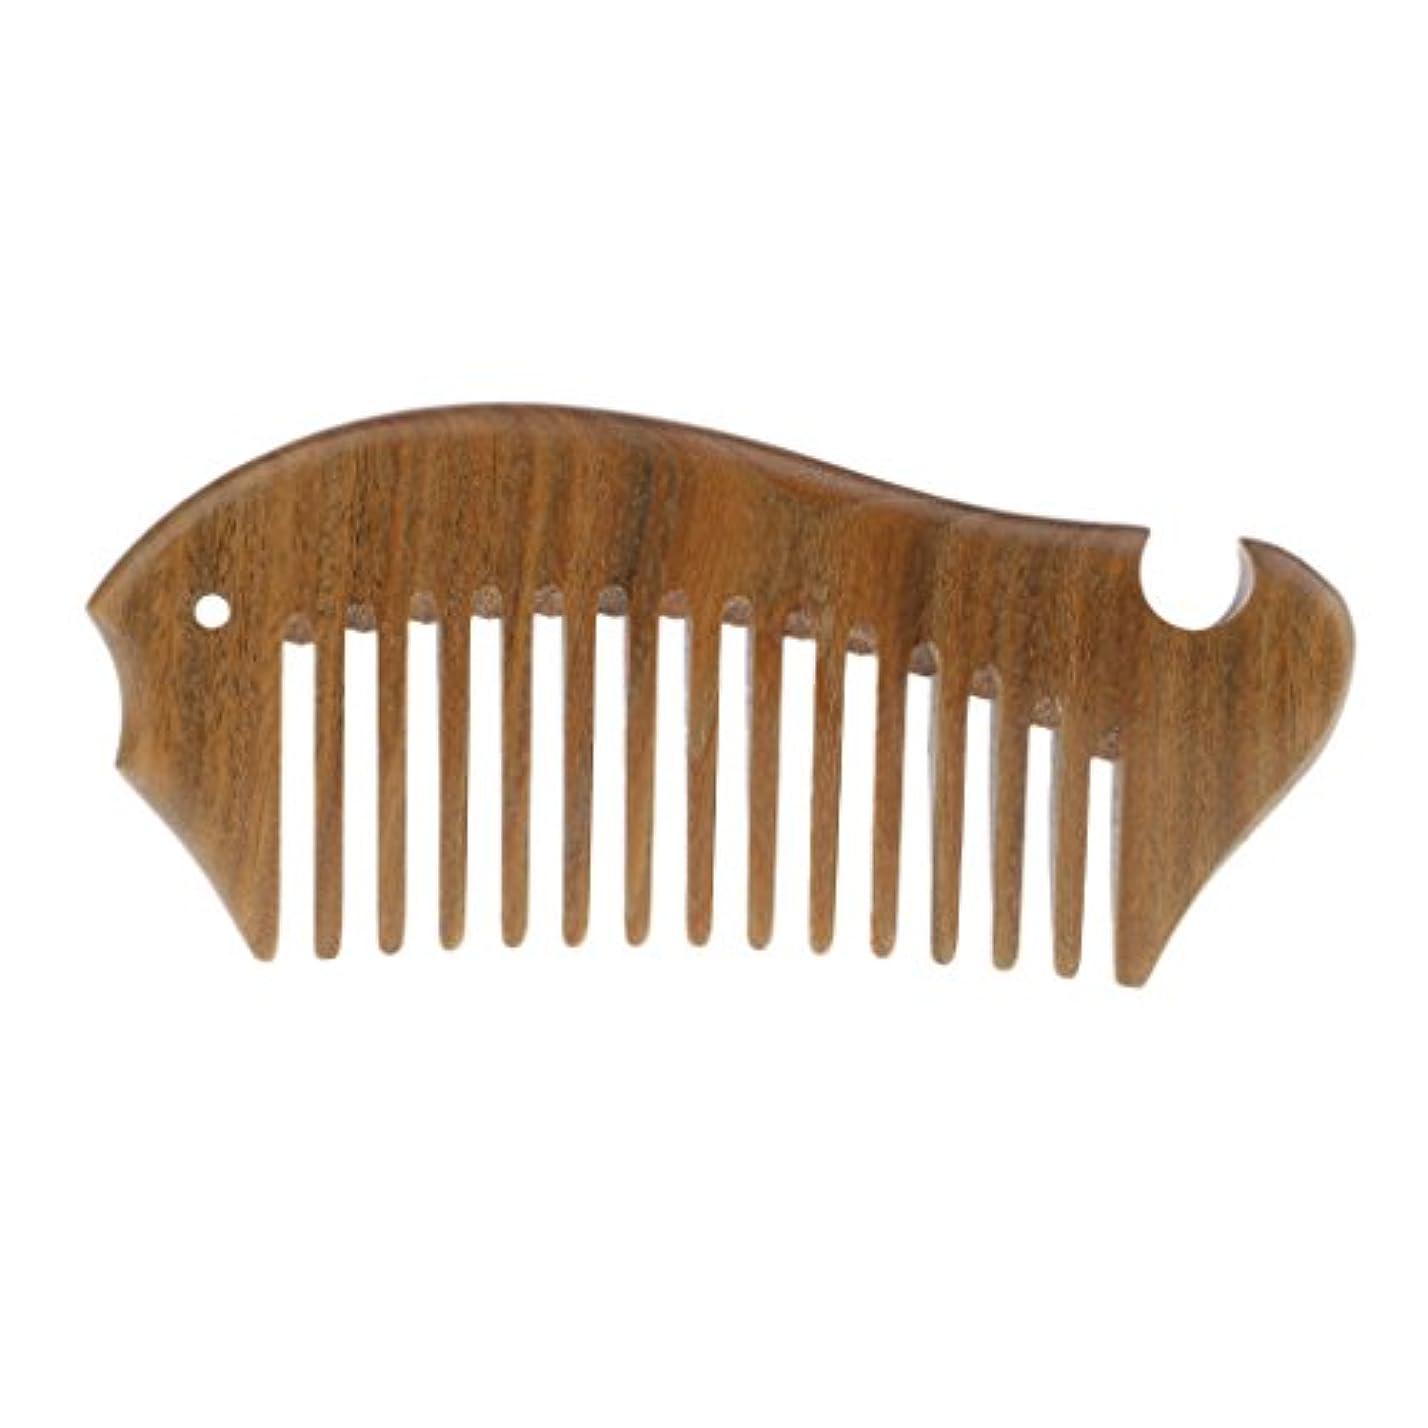 黒人相関する便益木製櫛 帯電防止櫛 ヘアコーム 頭皮 ケア マッサージ